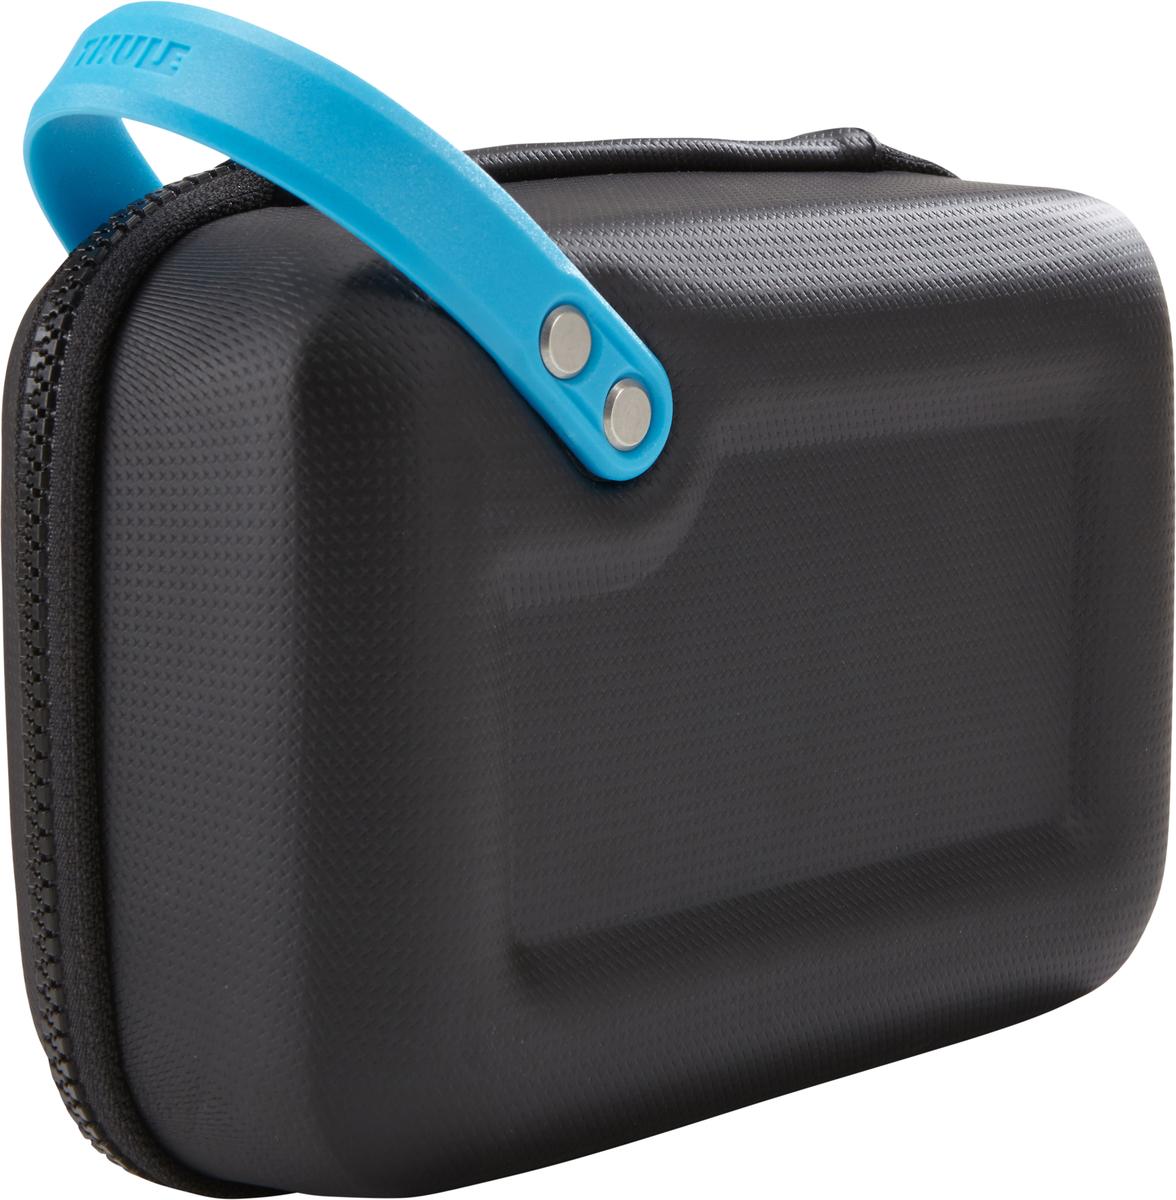 Чехол для 1-й экш-камеры Thule Legend GoPro Case, цвет: черный3203052Чехол Thule Legend GoPro - Долговечный чехол для камеры GoPro с удобными отделениями для всех необходимых аксессуаров поможет вести съемку в любом путешествии. Ударопрочный отсек с мягкой подкладкой позволяет хранить камеру GoPro, LCD Touch BacPac, пульт дистанционного управления, запасные аккумуляторы и SD-карты Съемная подкладка из прессованной пены облегчает очистку внутренней поверхности от пыли, грязи, песка и пр. В жестком кармане можно хранить зарядные устройства, кабели и ремни для крепления Благодаря тонкому дизайну с легкостью умещается в другой сумке Полужесткая конструкция и прочное покрытие обеспечивают защиту и надежность хвата Большие язычки на молниях обеспечивают удобство доступа даже в том случае, если на вас надеты перчатки Встроенную удобную ручку можно прикреплять с помощью карабина к поясному ремню, а также наплечным ремням и рюкзаку Яркая внутренняя отделка поможет быстро найти мелкие предметы Удобное отверстие линейного...